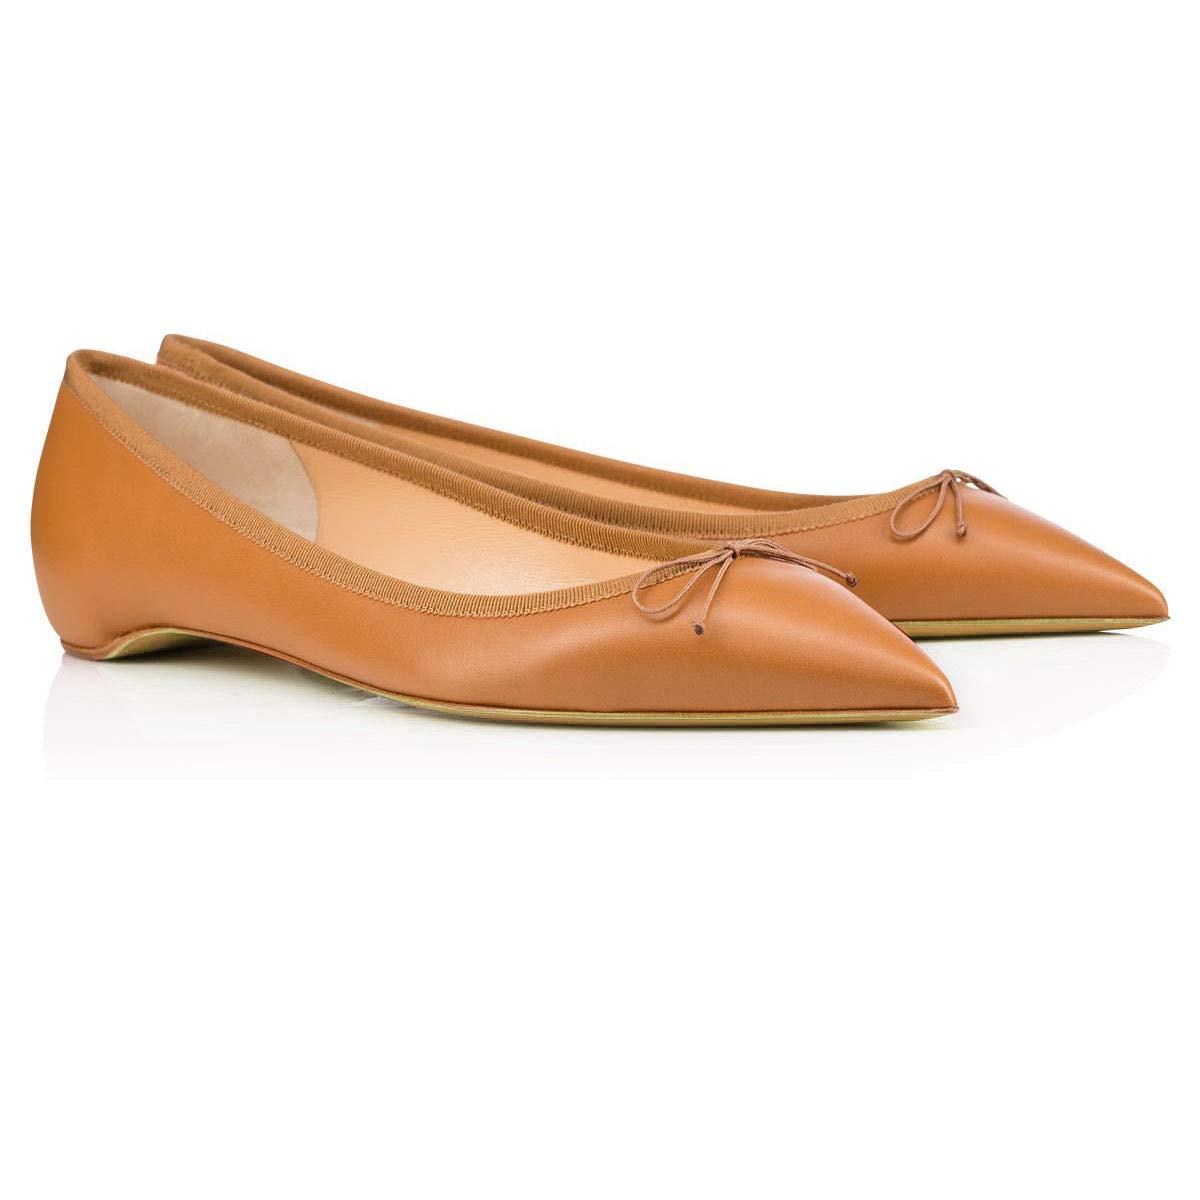 tutti i beni sono speciali ADIDAS donna scarpe da